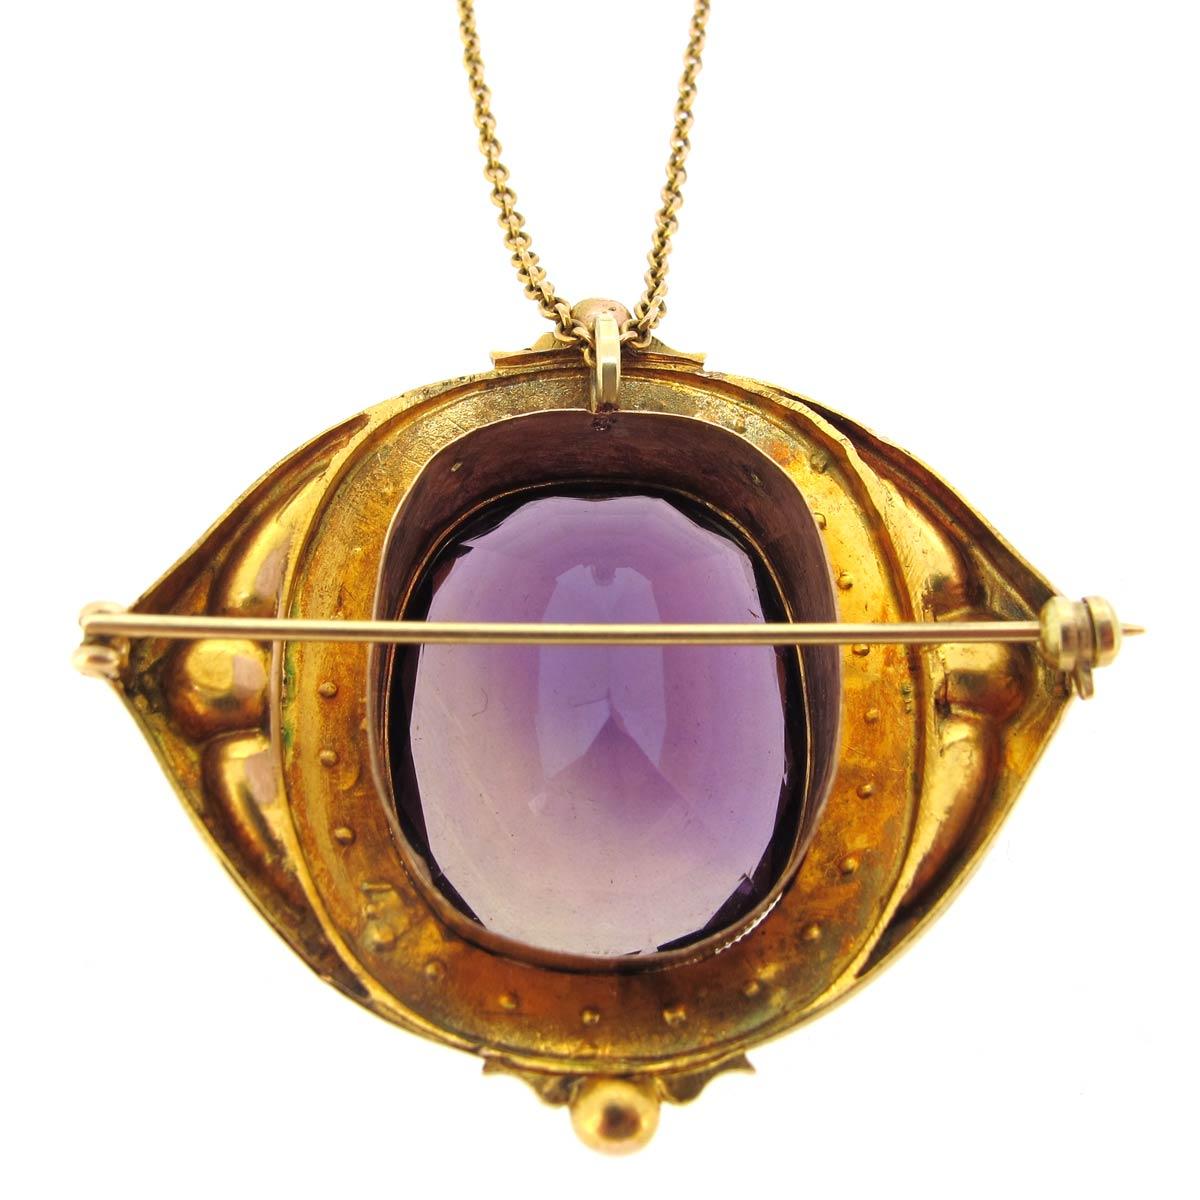 Amethyst & Pearl Necklace/ Brooch